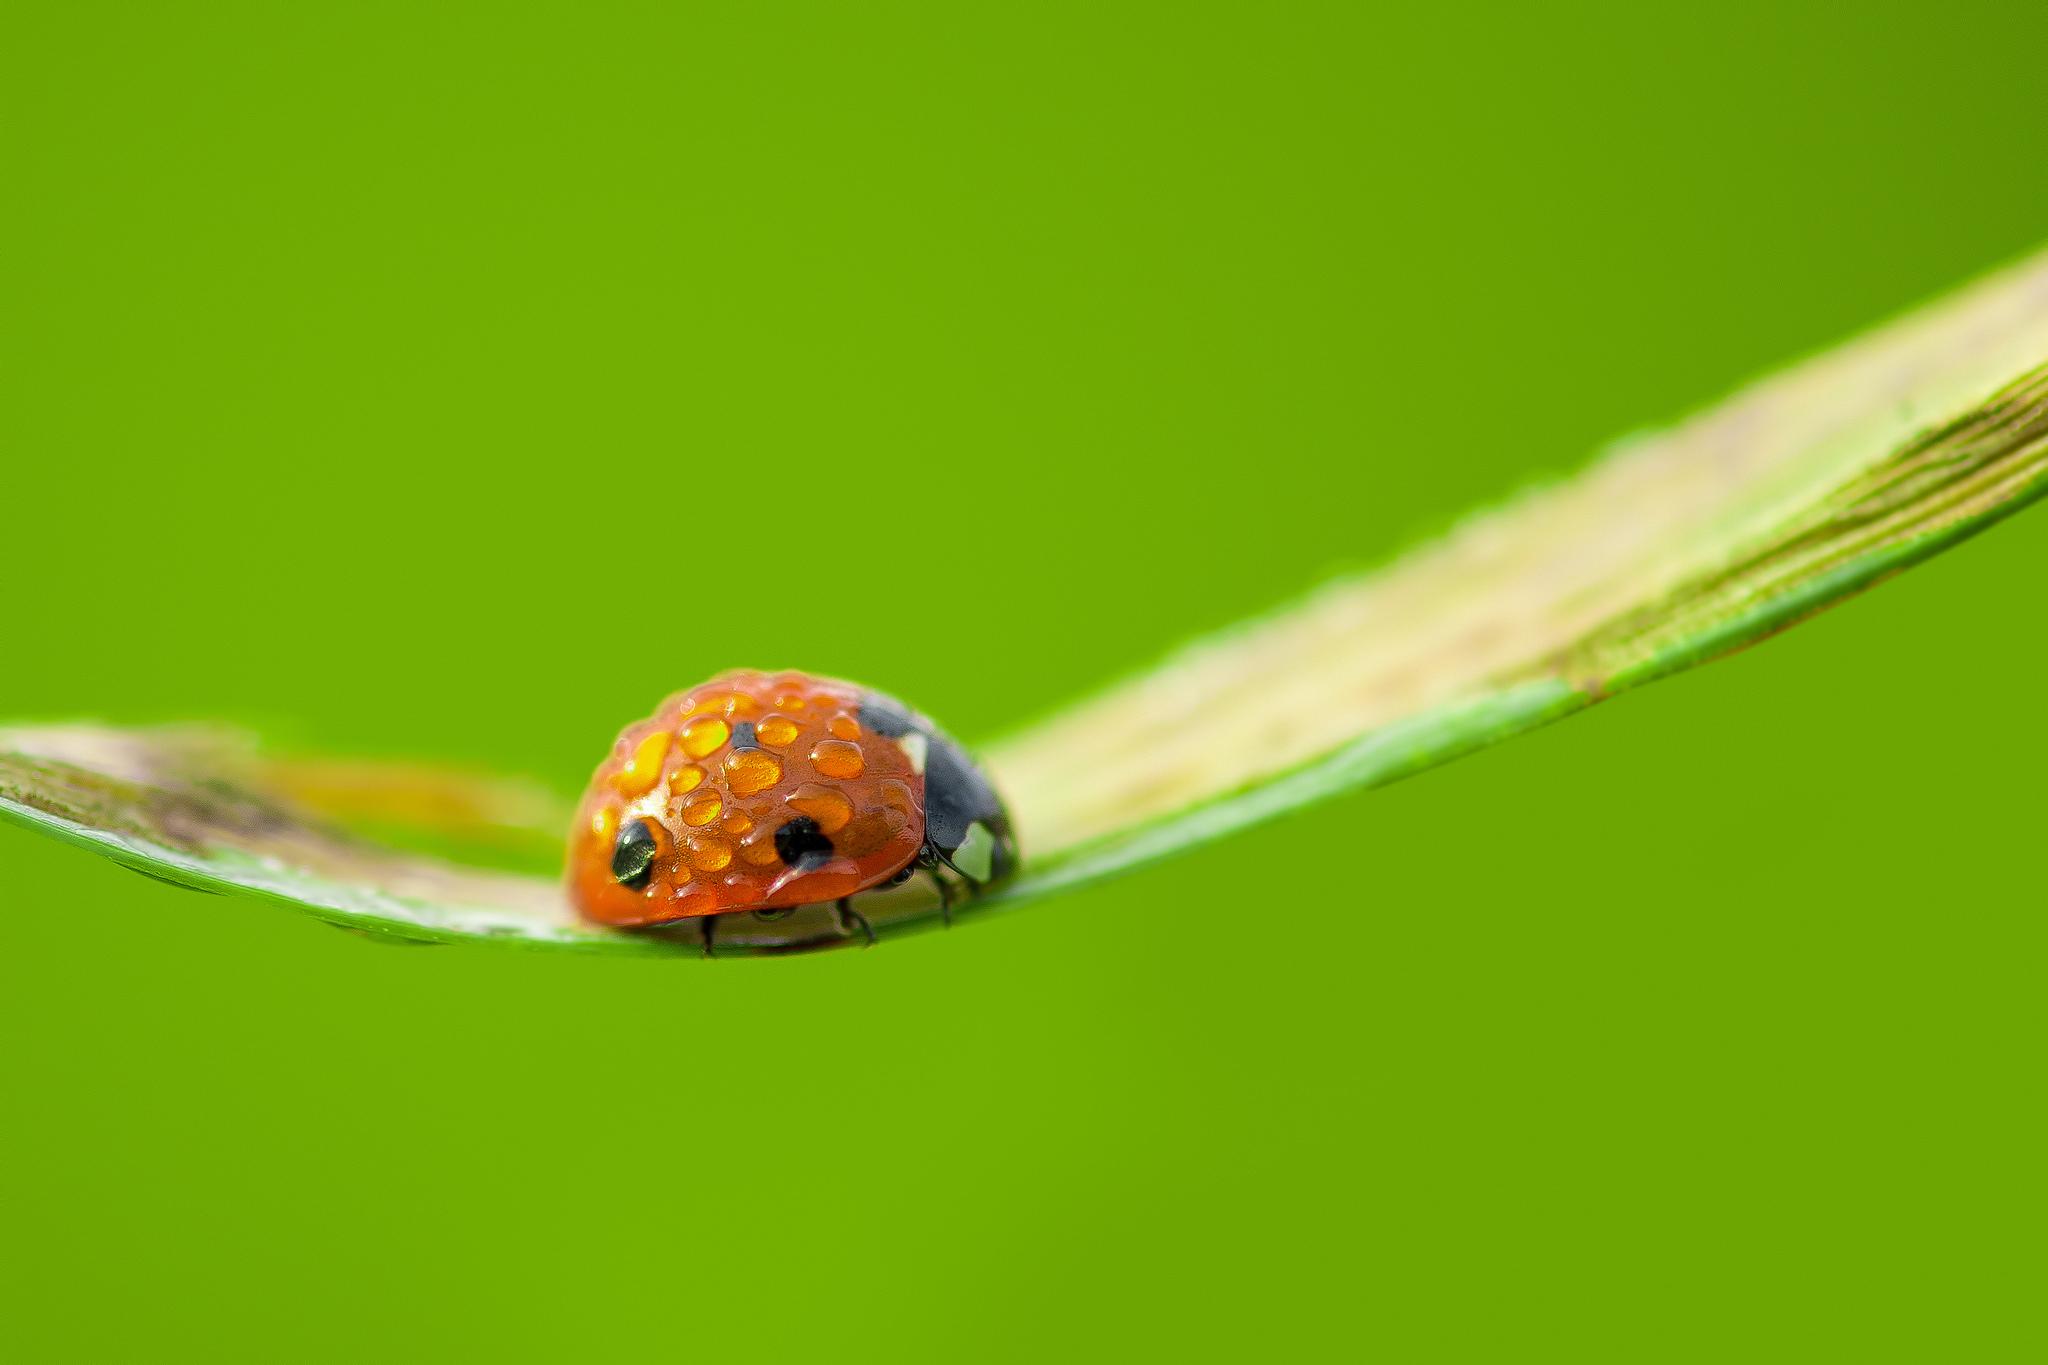 природа божья коровка цветок макро насекомое животное  № 3856312 загрузить